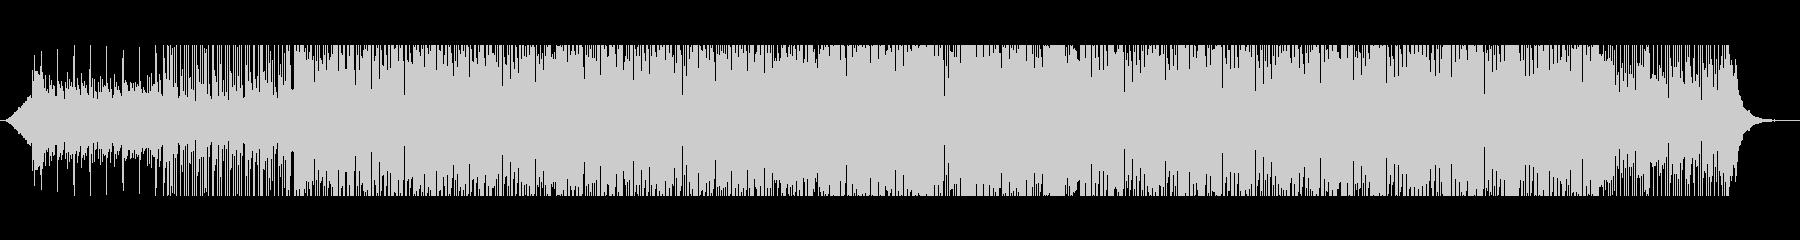 オリエンタルの未再生の波形